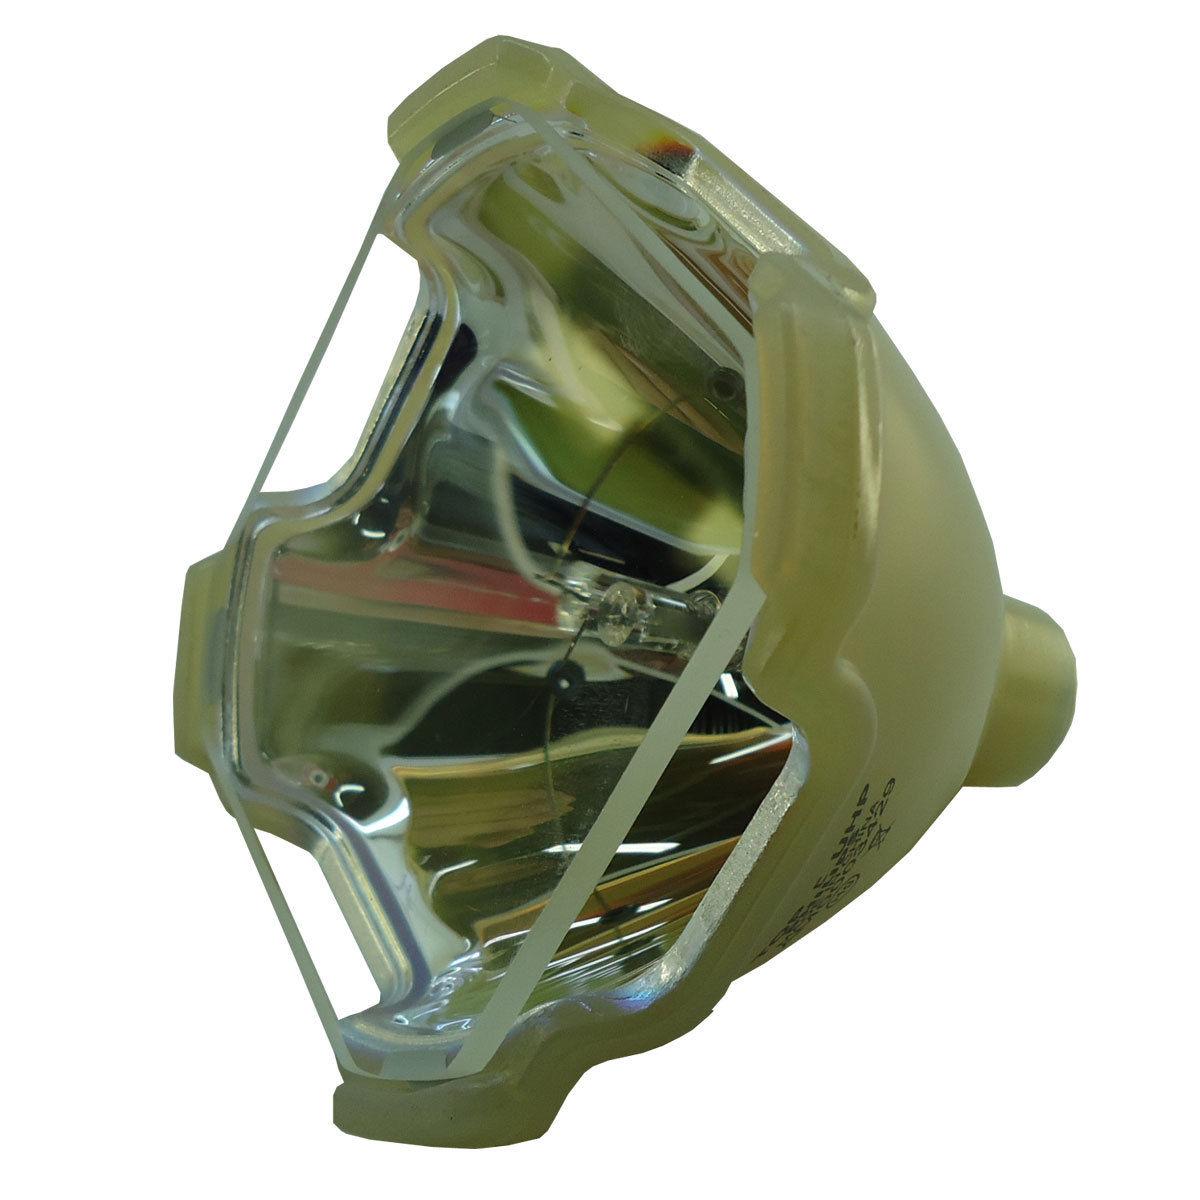 Compatible LMP-F330 LMPF330 for Sony VPL-FH500L VPL-FX500L VPL-F500H VPL-F700HL VPL-F700XL Projector Lamp Bulb without housing compatible projector lamp sony lmp f331 vpl fh35 vpl fh36 vpl fx37 vpl f501h vpl f600x vpl f500h